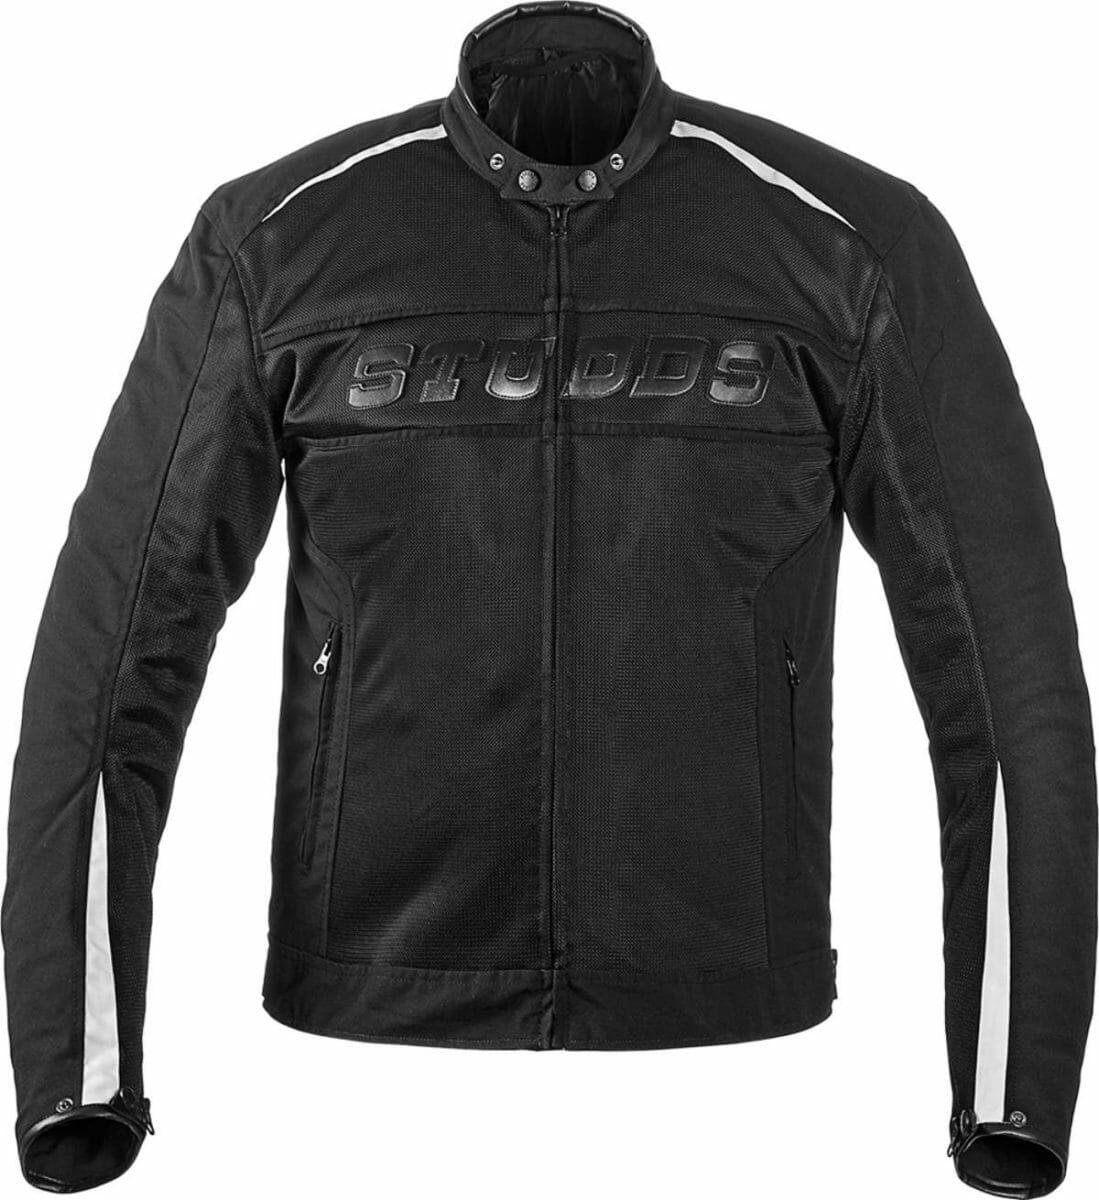 Studds riding jacket (1)